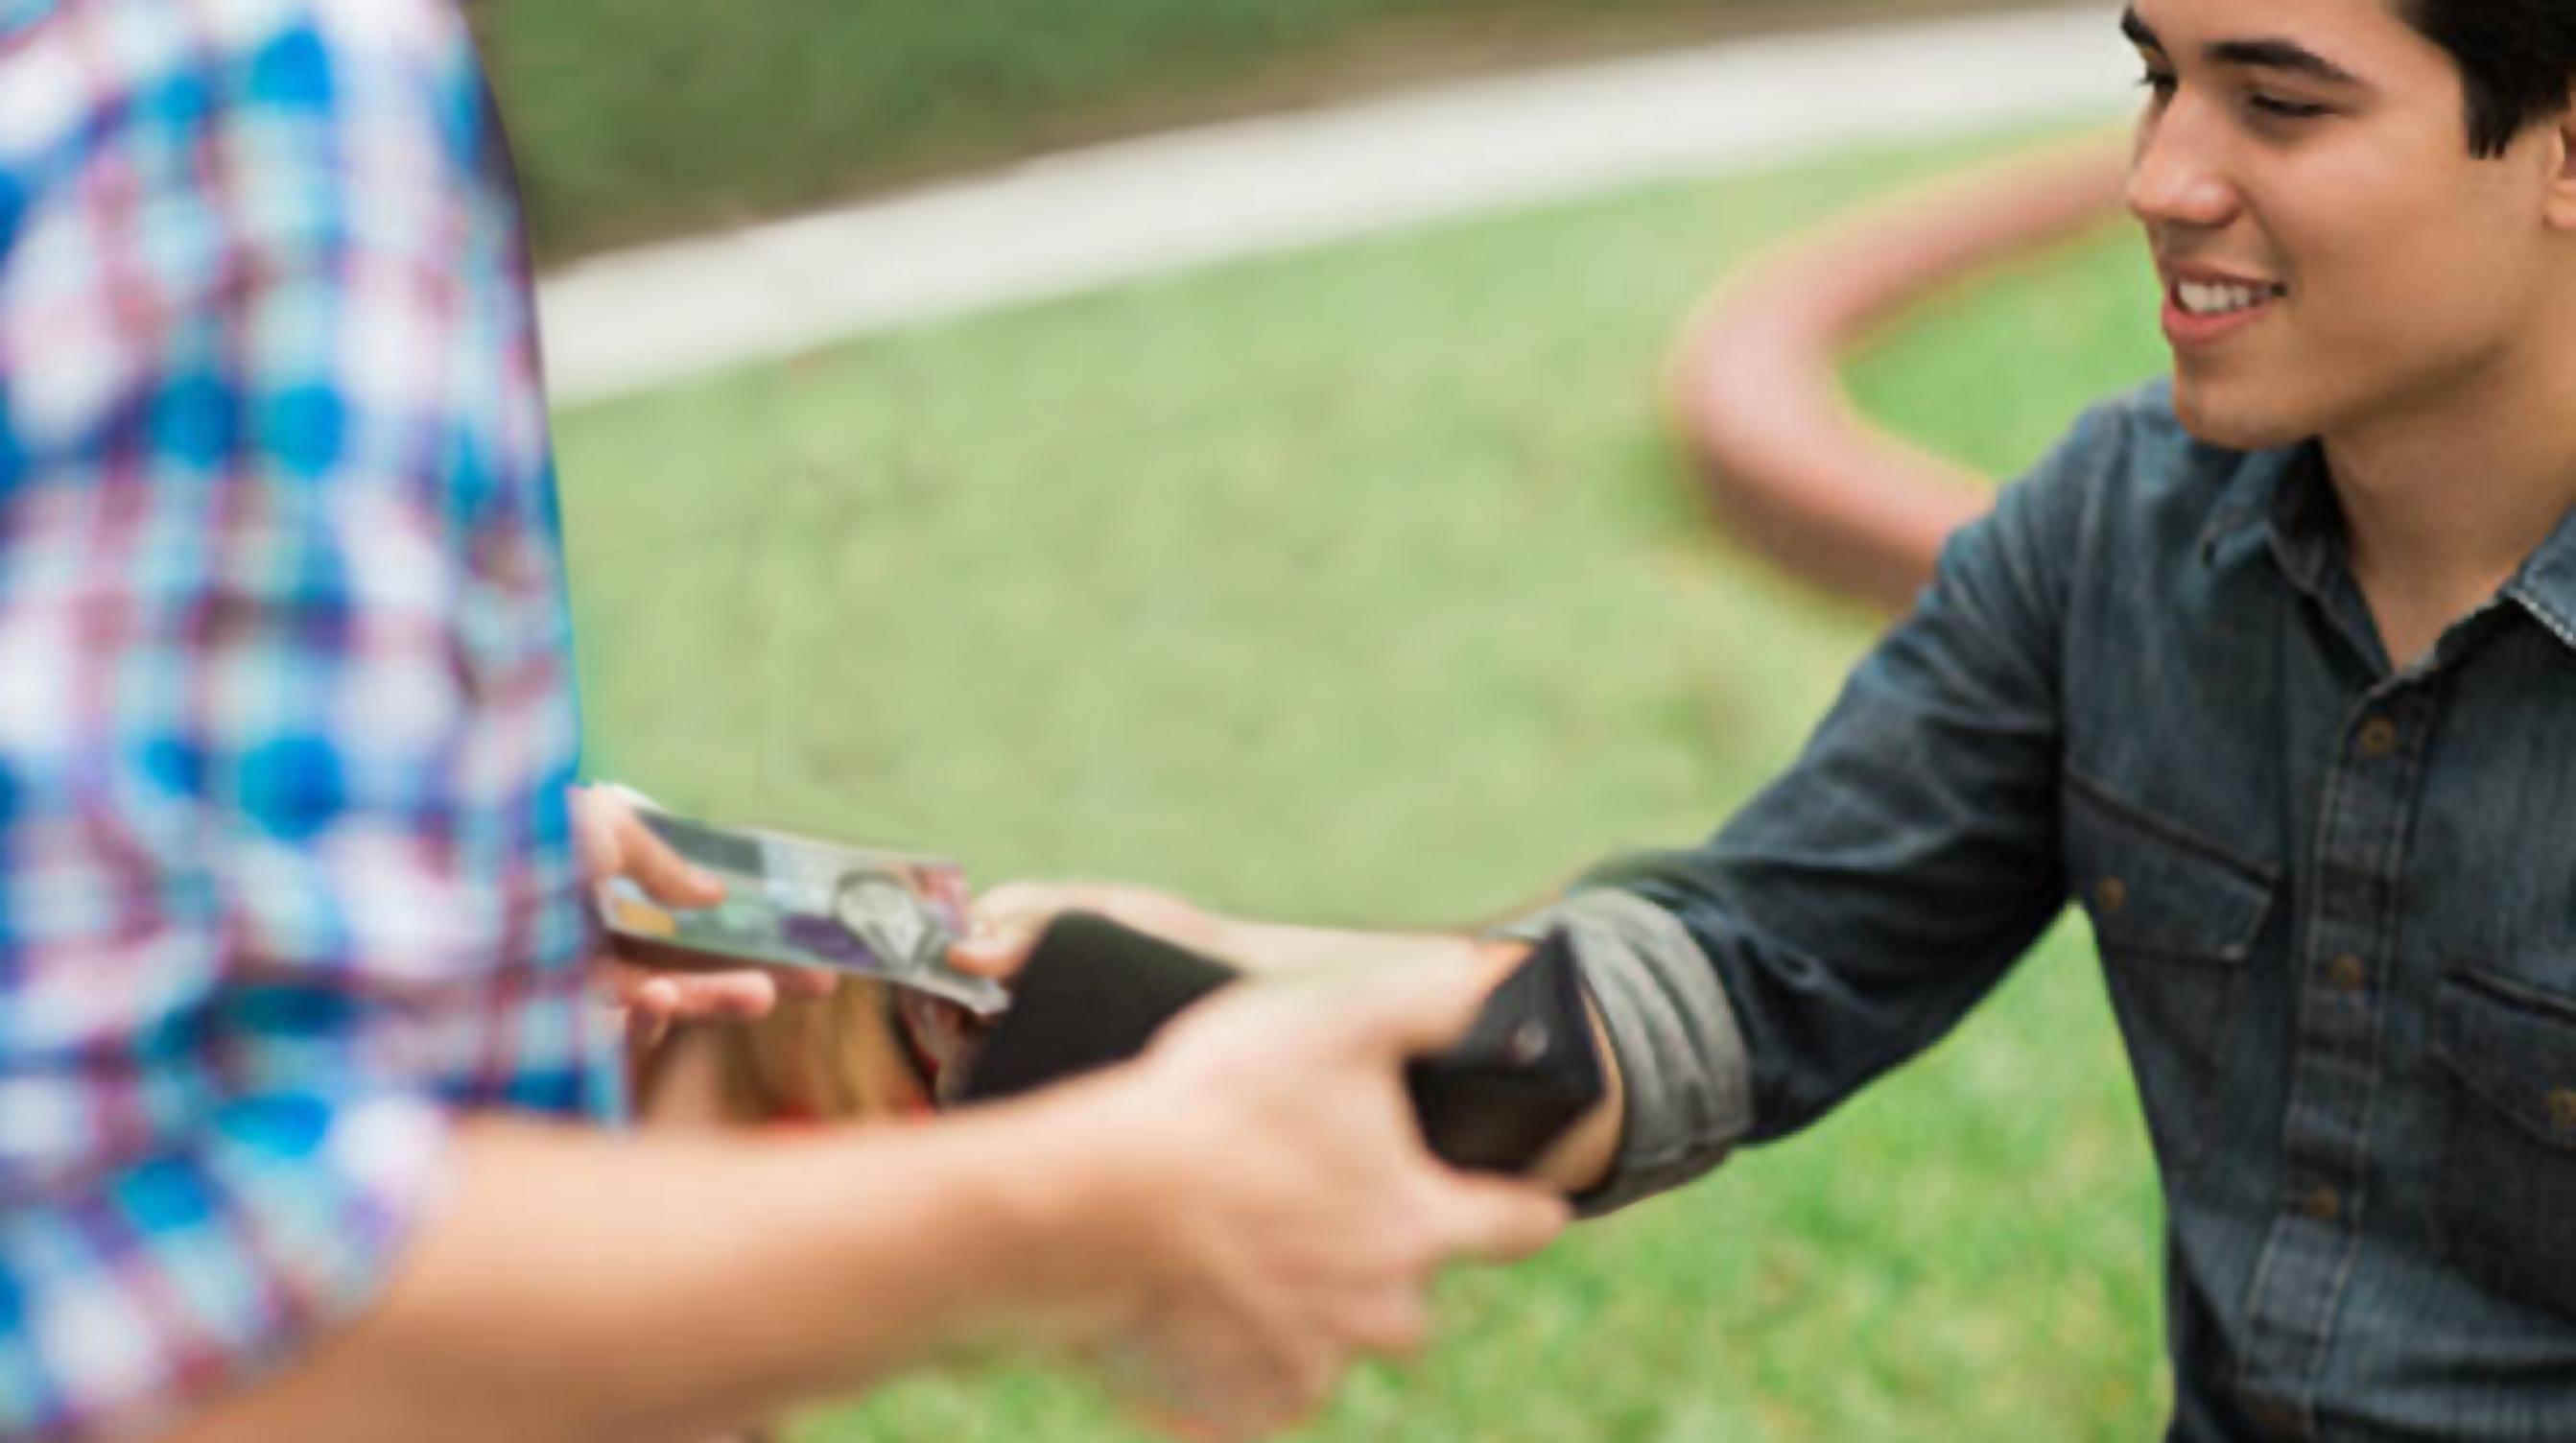 صورة شاب يتراجع عن خطبة فتاة بعدما اكتفى والدها بطلب بضعة آلاف الدولارات فقط كمهر لها خشية أن تكون معيوبة